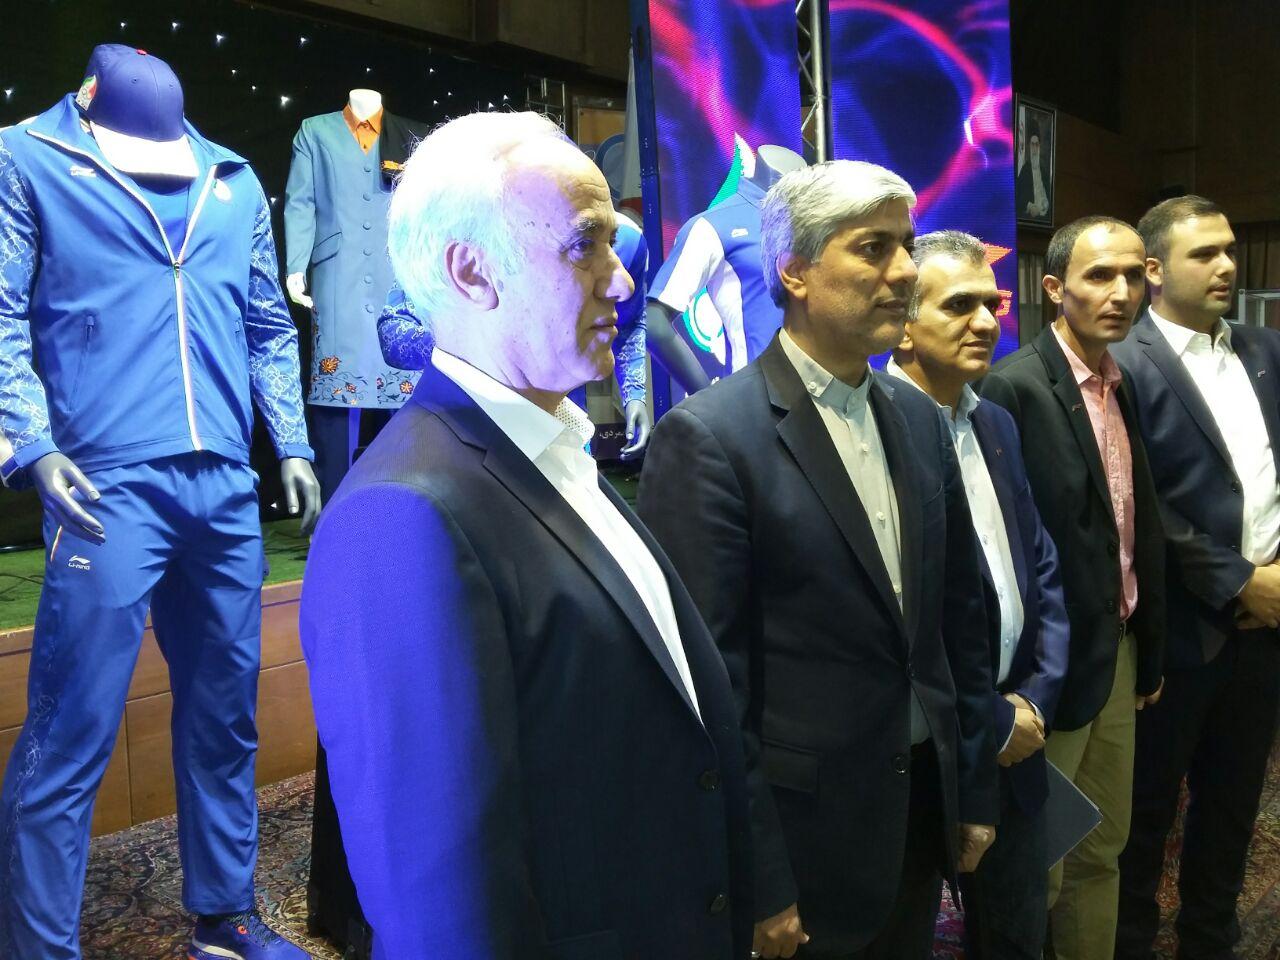 مراسم رونمایی از لباس کاروان ایران در المپیک+تصاویر